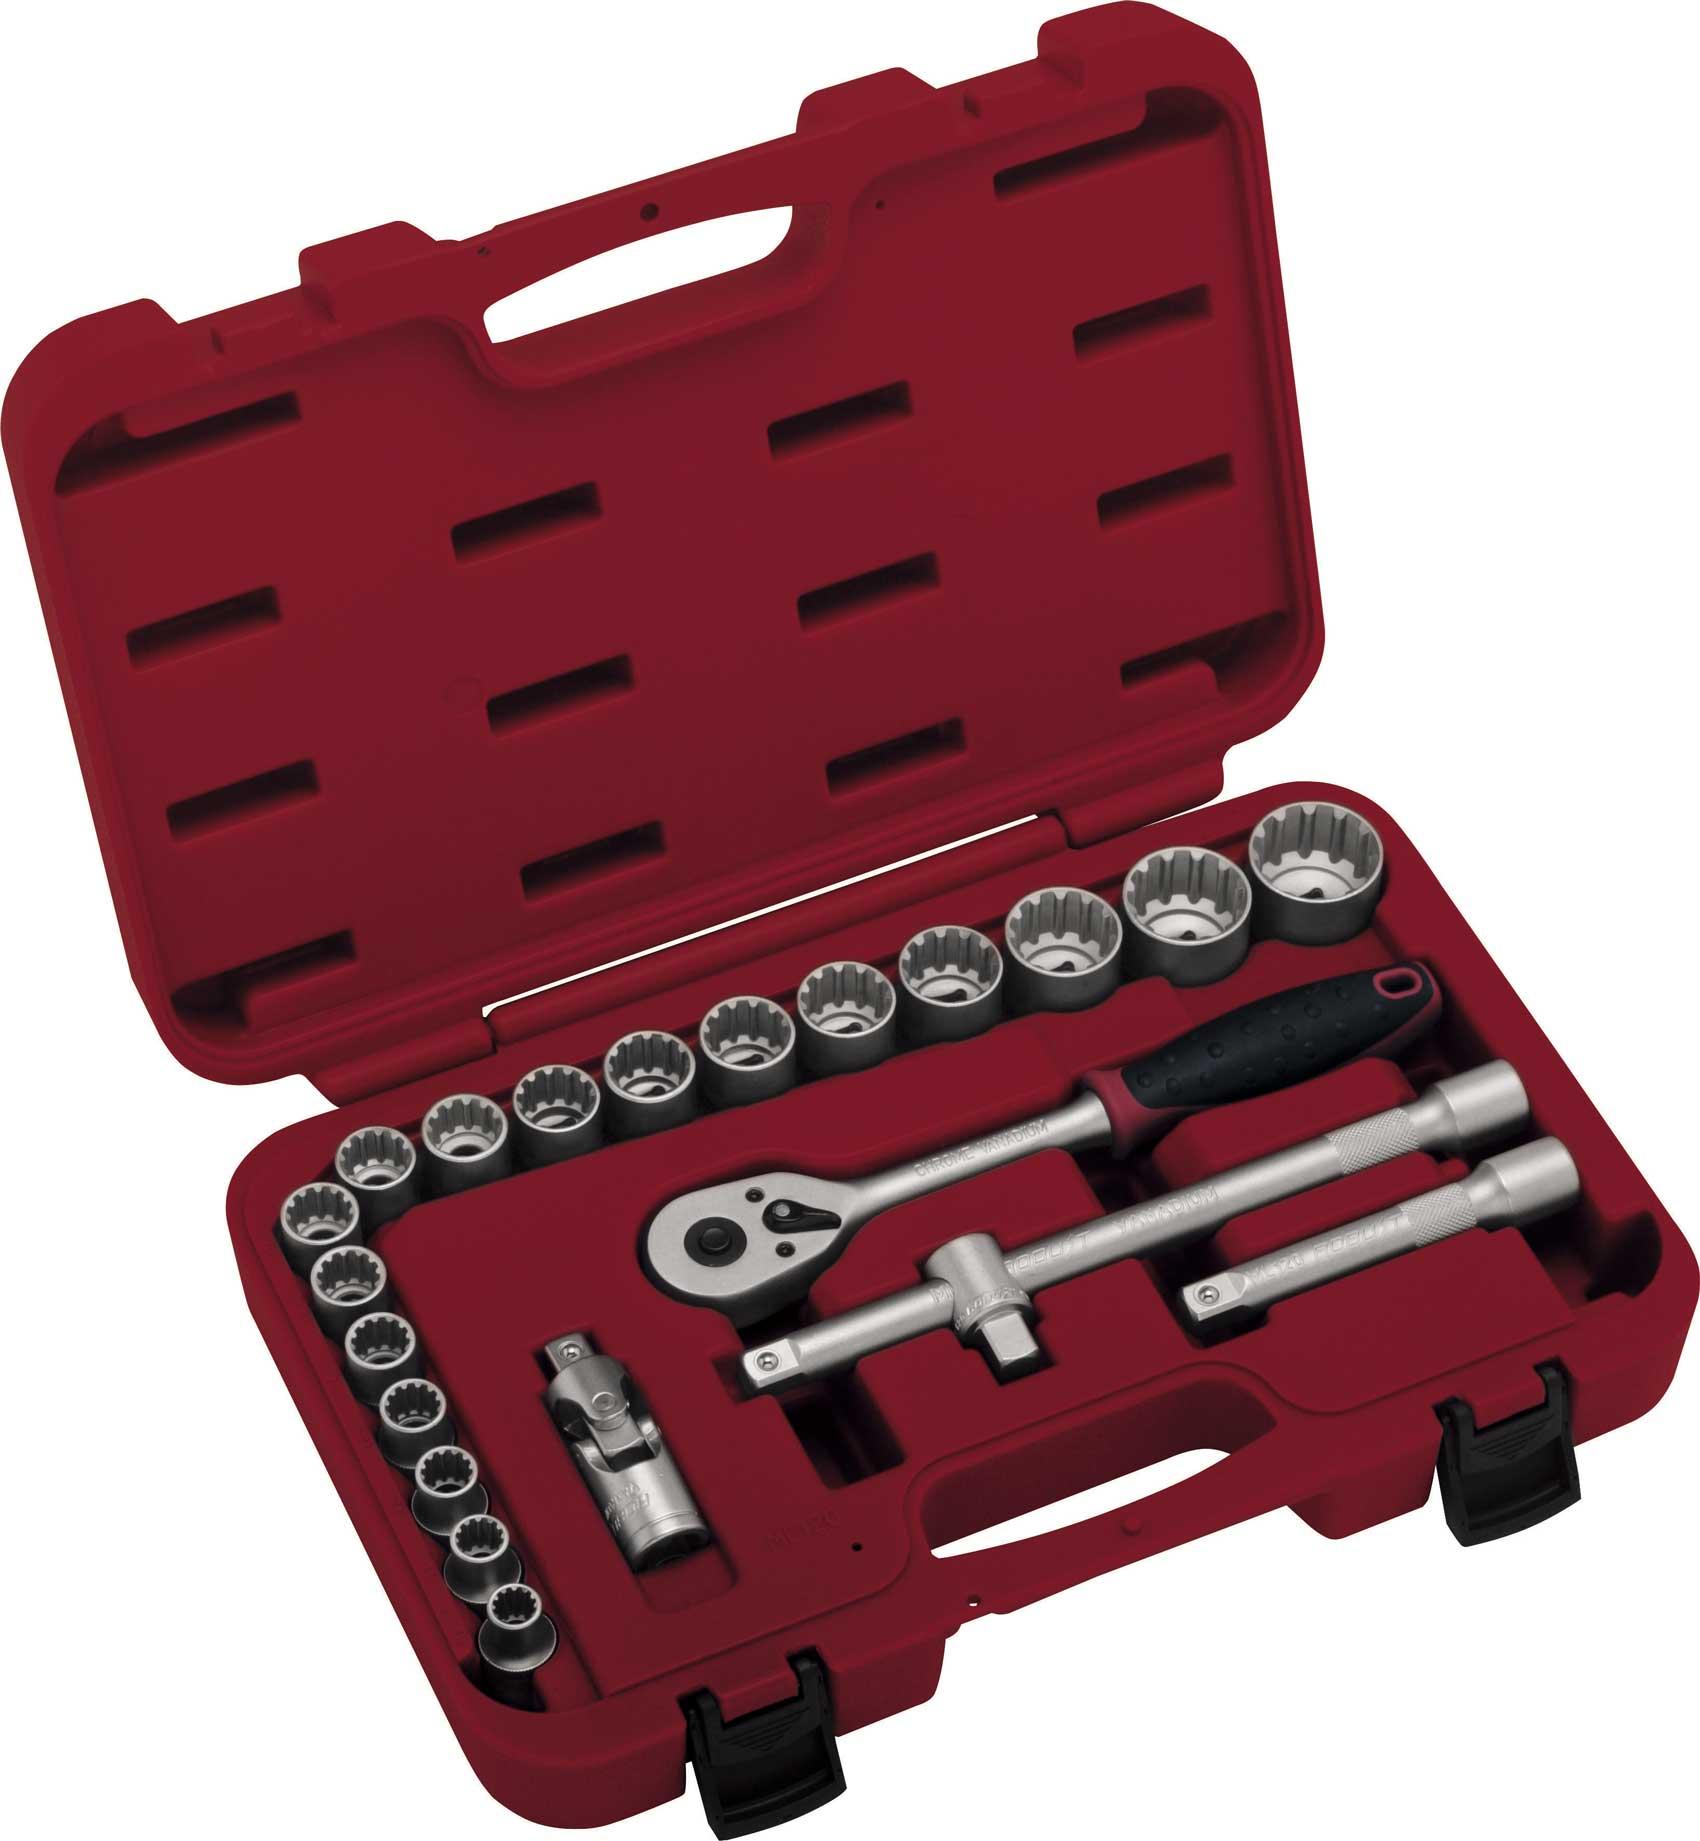 Jogo de Soquetes Multi Lock com 22 Peças e Encaixe de 1/2 Pol